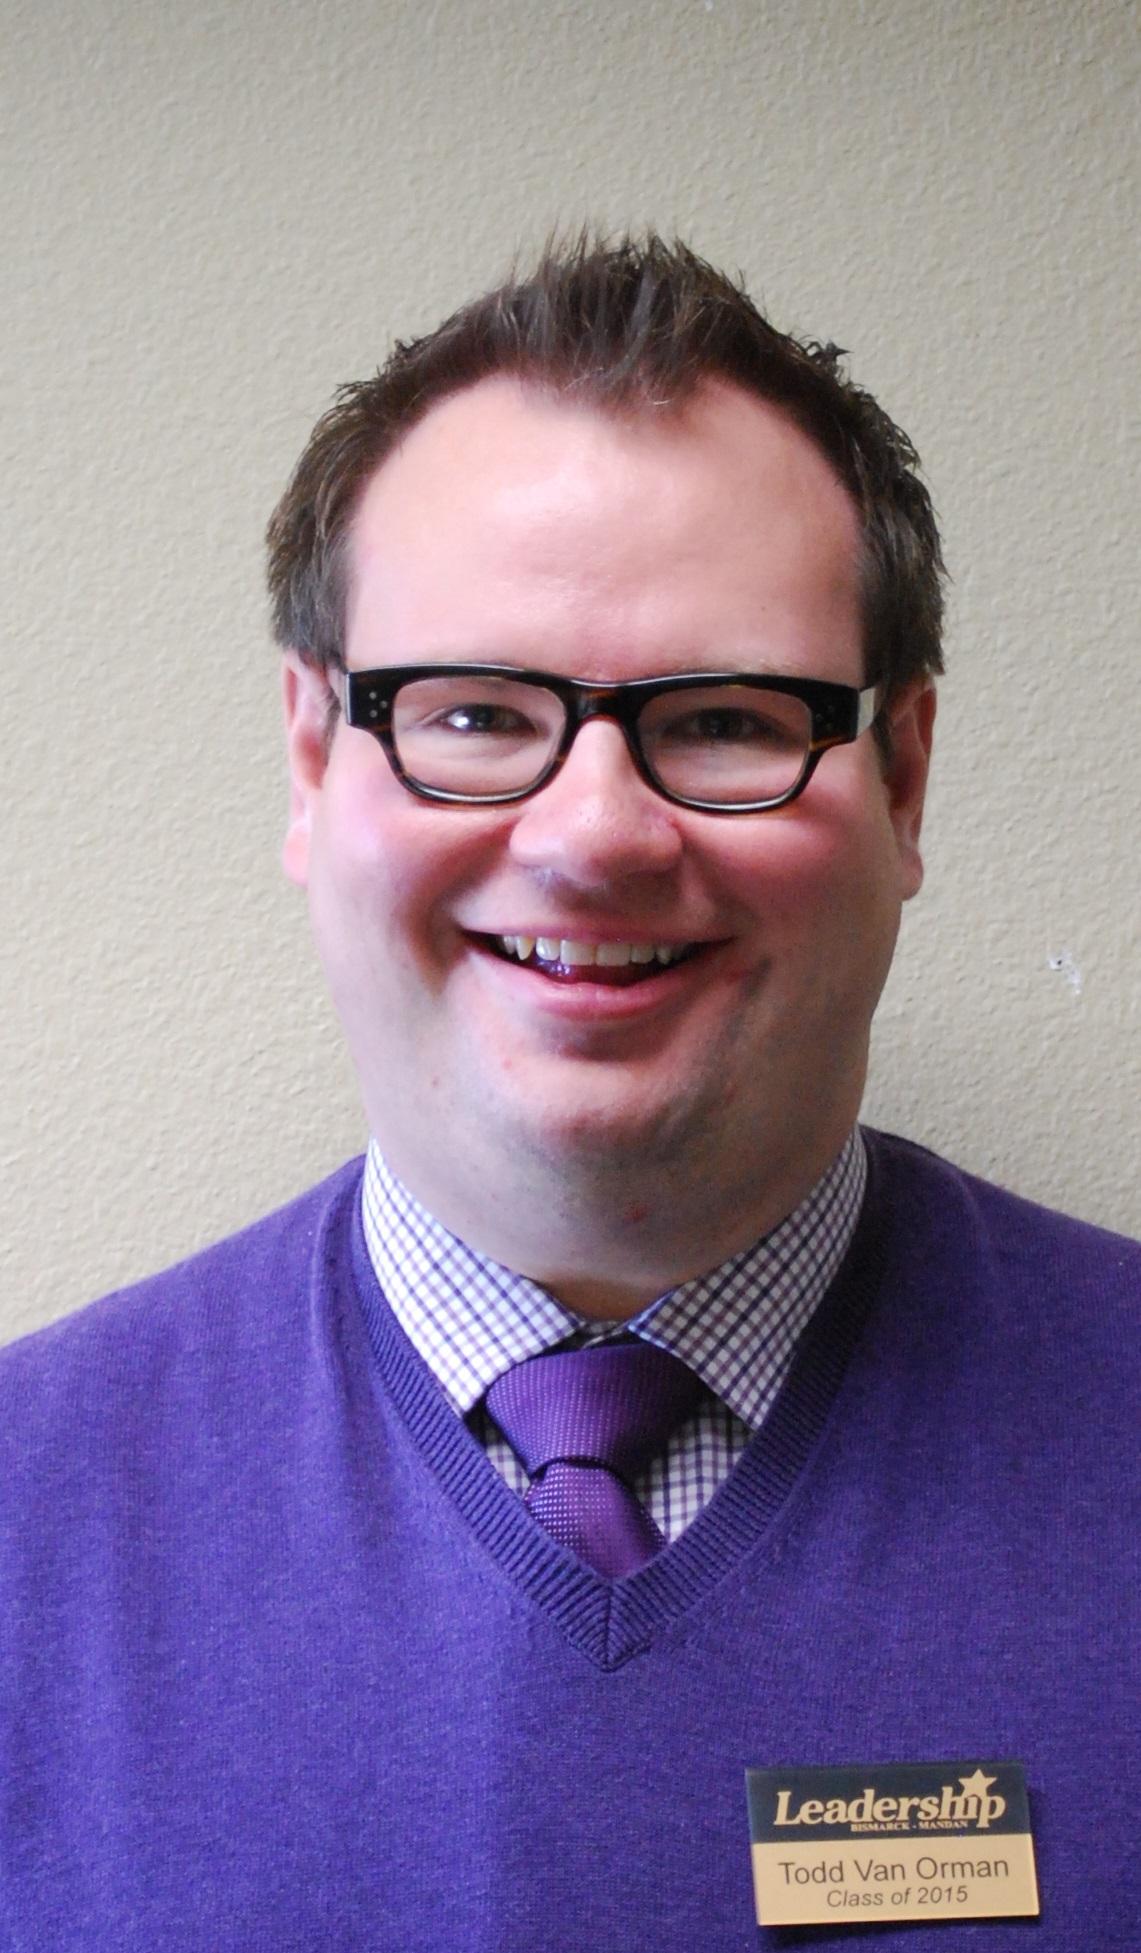 Todd Van Orman